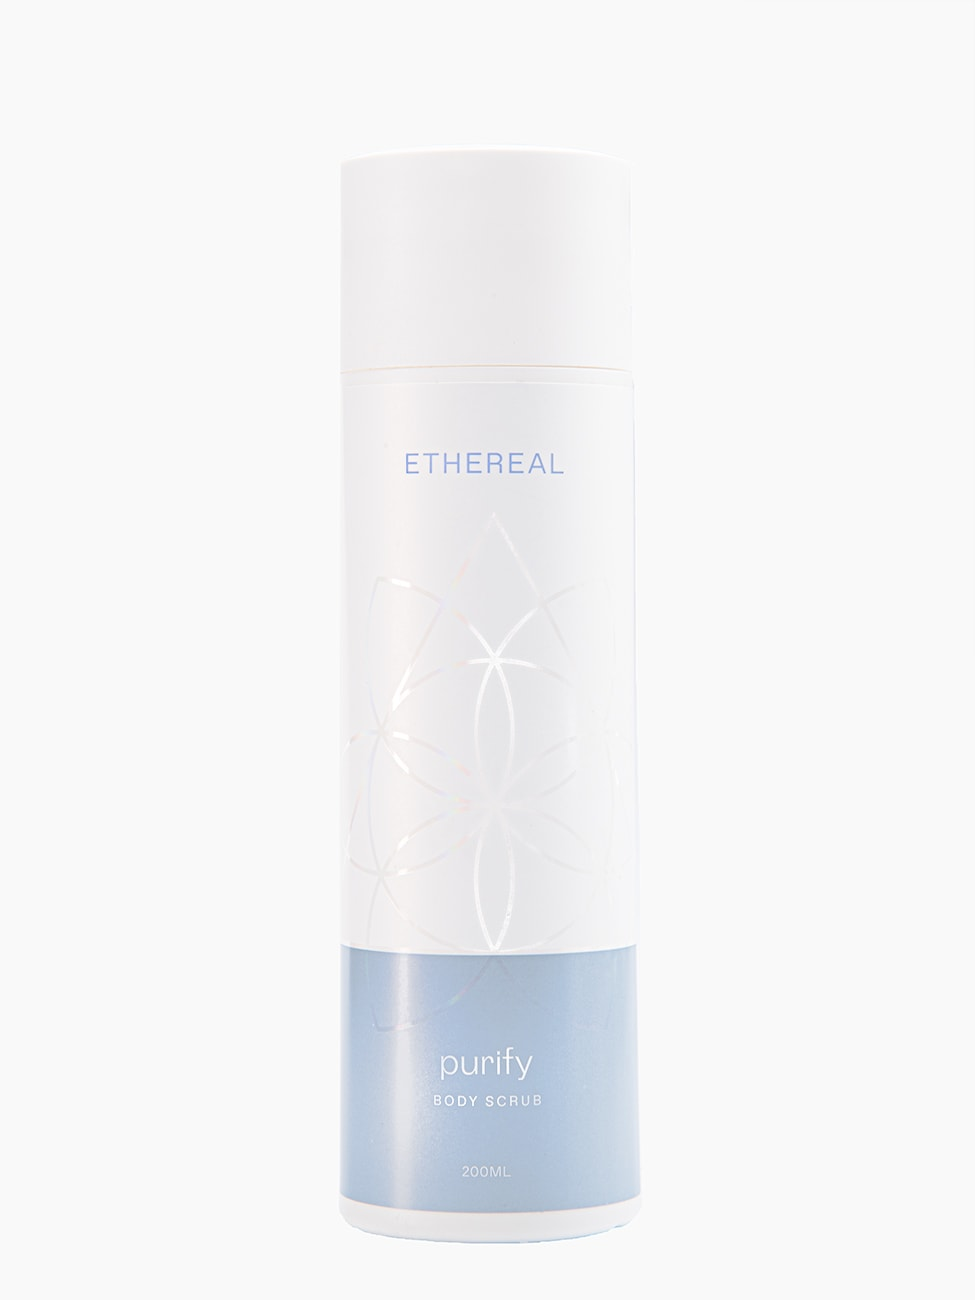 Pyrify_Body_Scrub_Ethereal_Dermocosmetics_Skincare_Handmade_Greek_Products